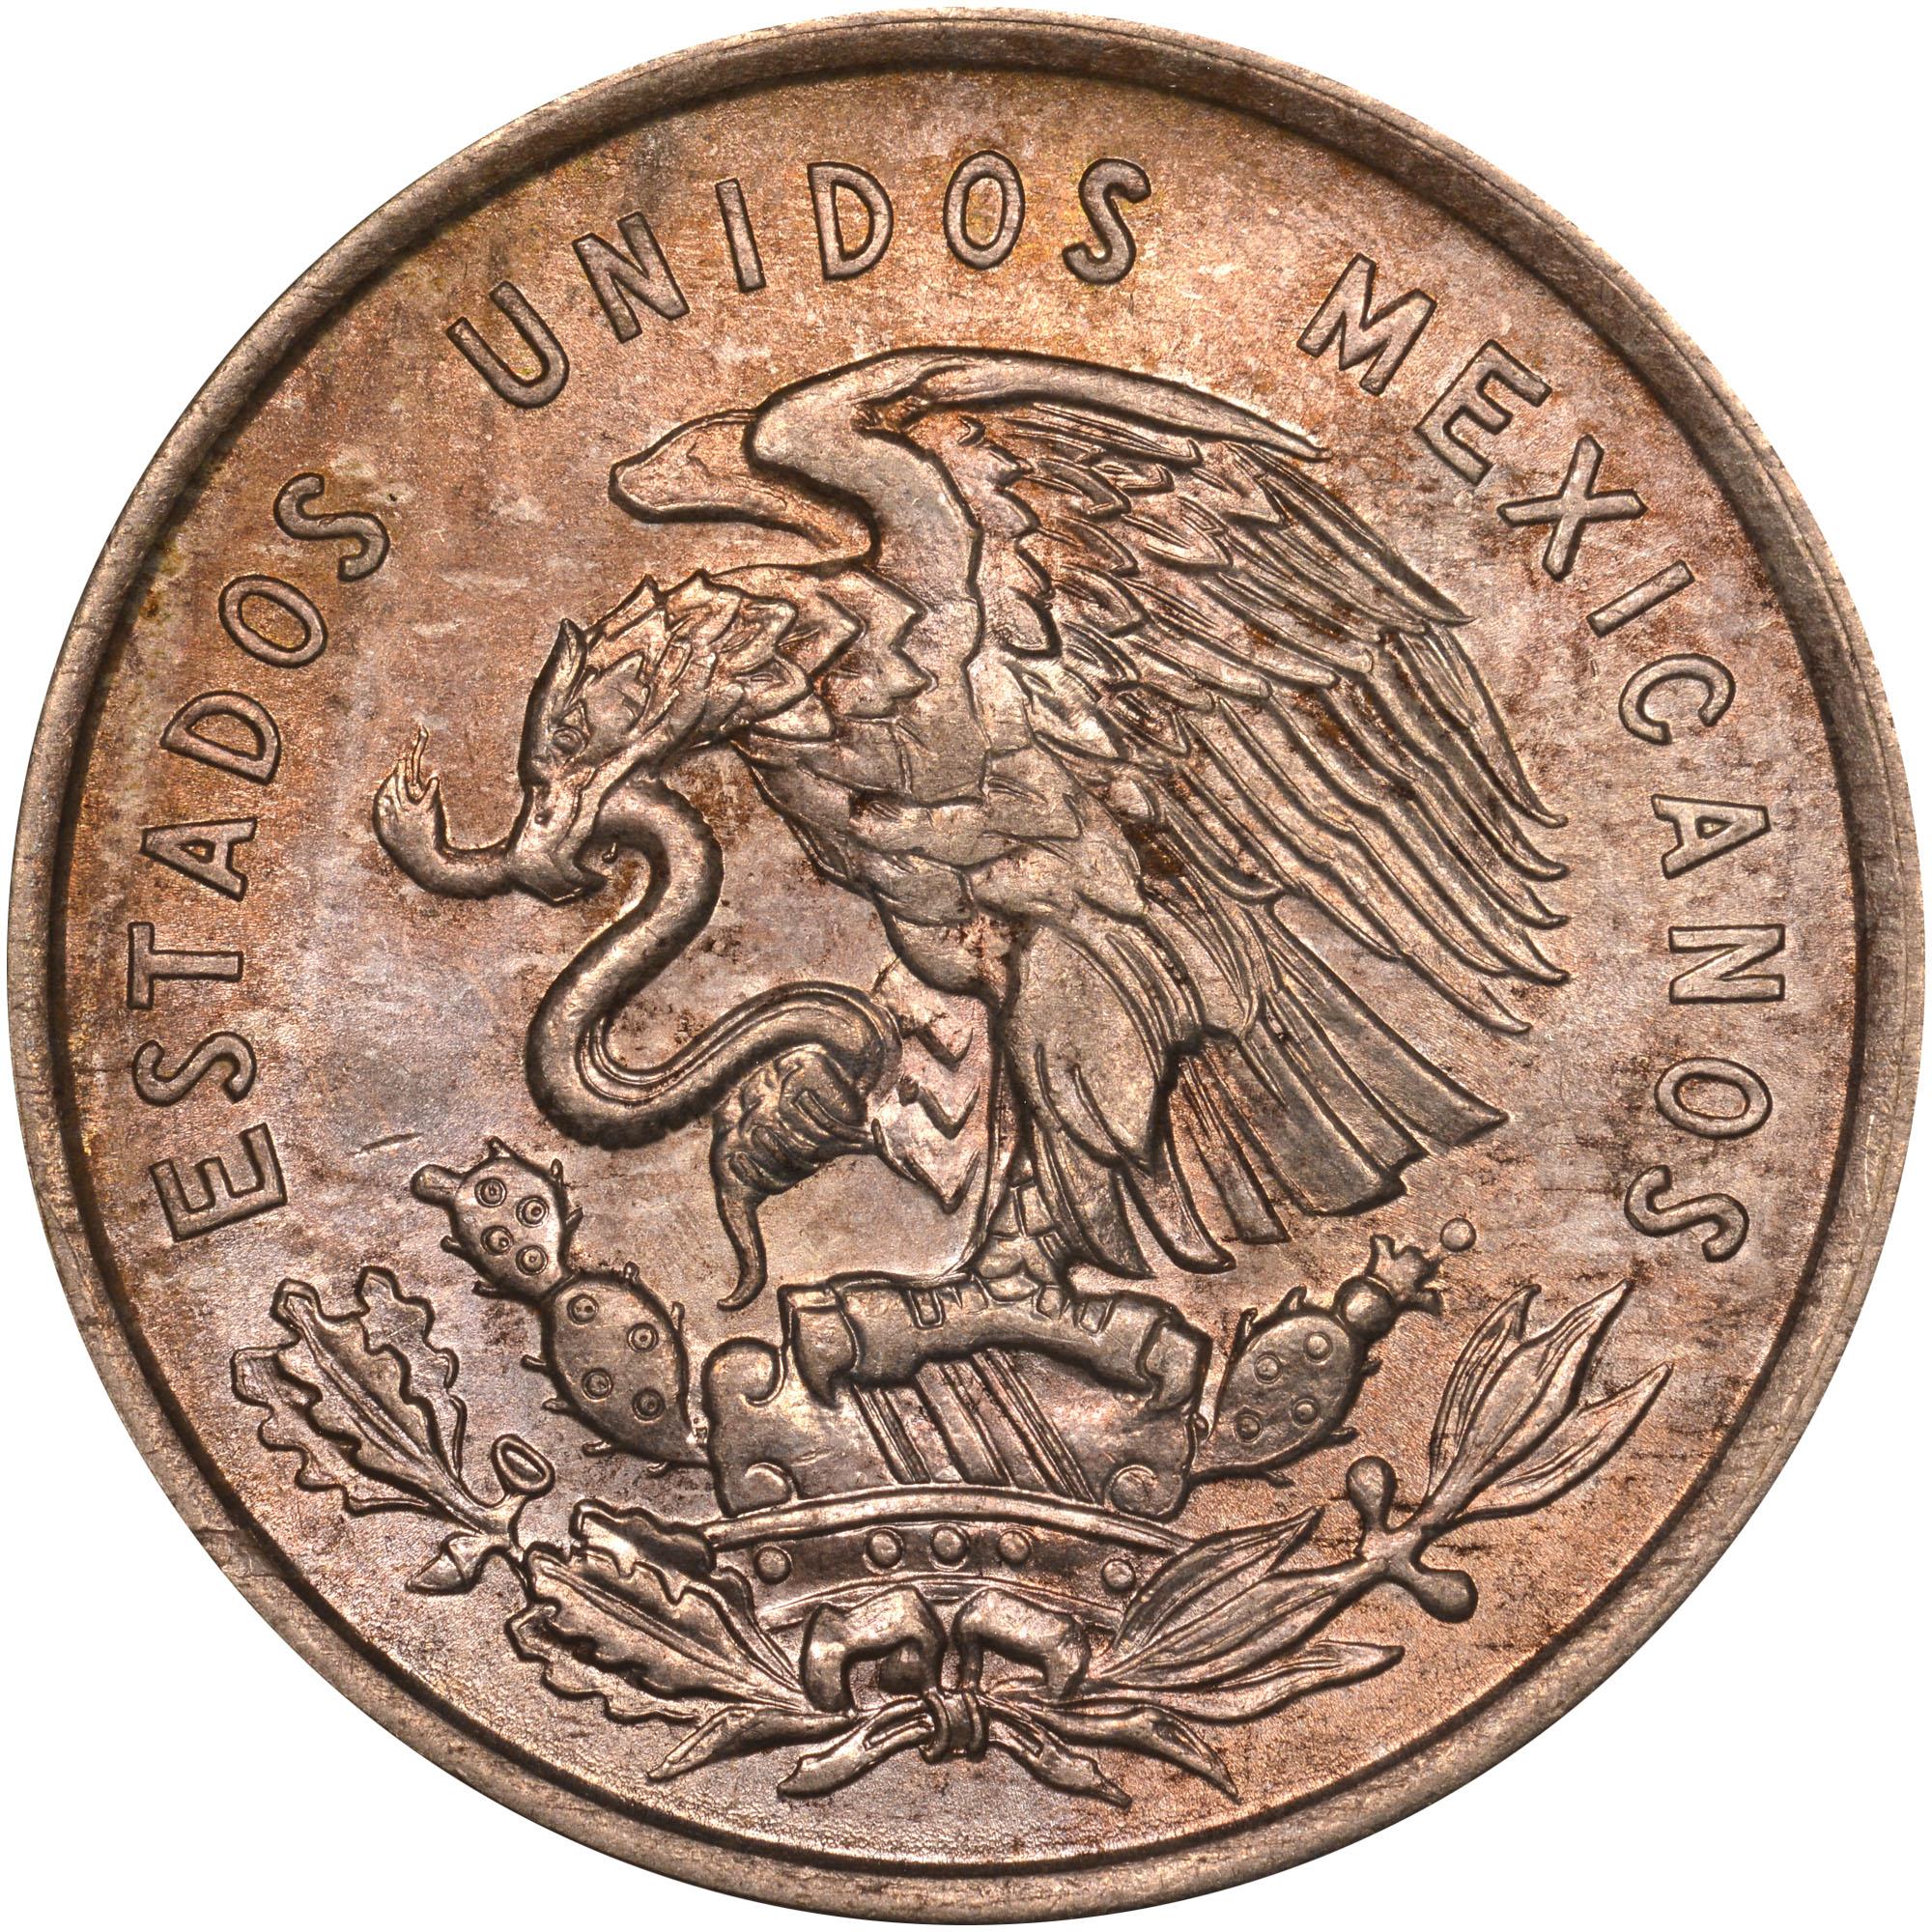 1950-1951 Mexico 50 Centavos obverse